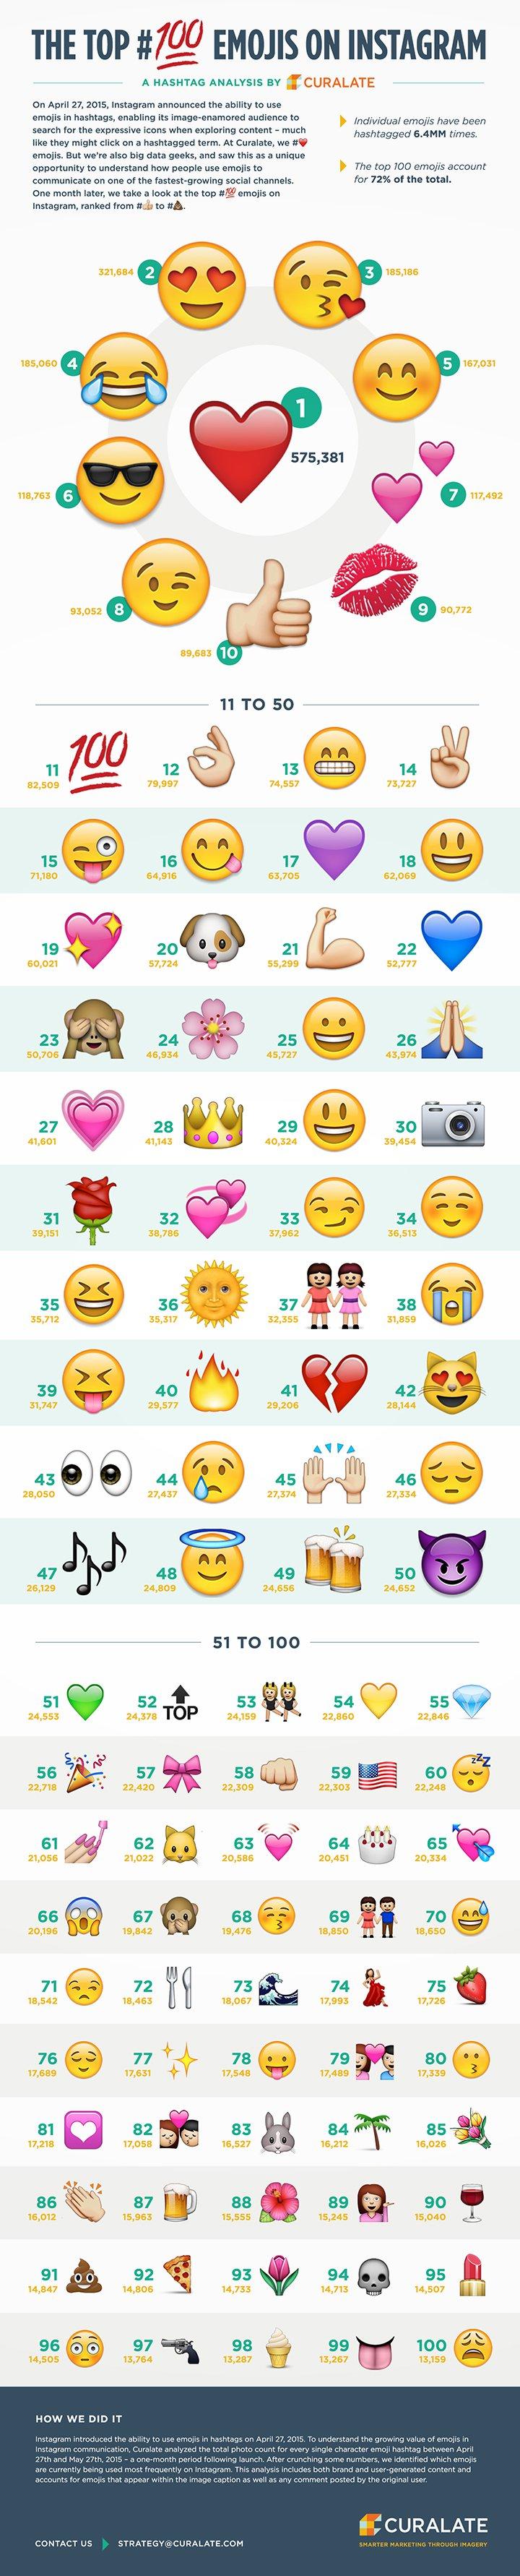 Los 100 emojis para Instagram más usados